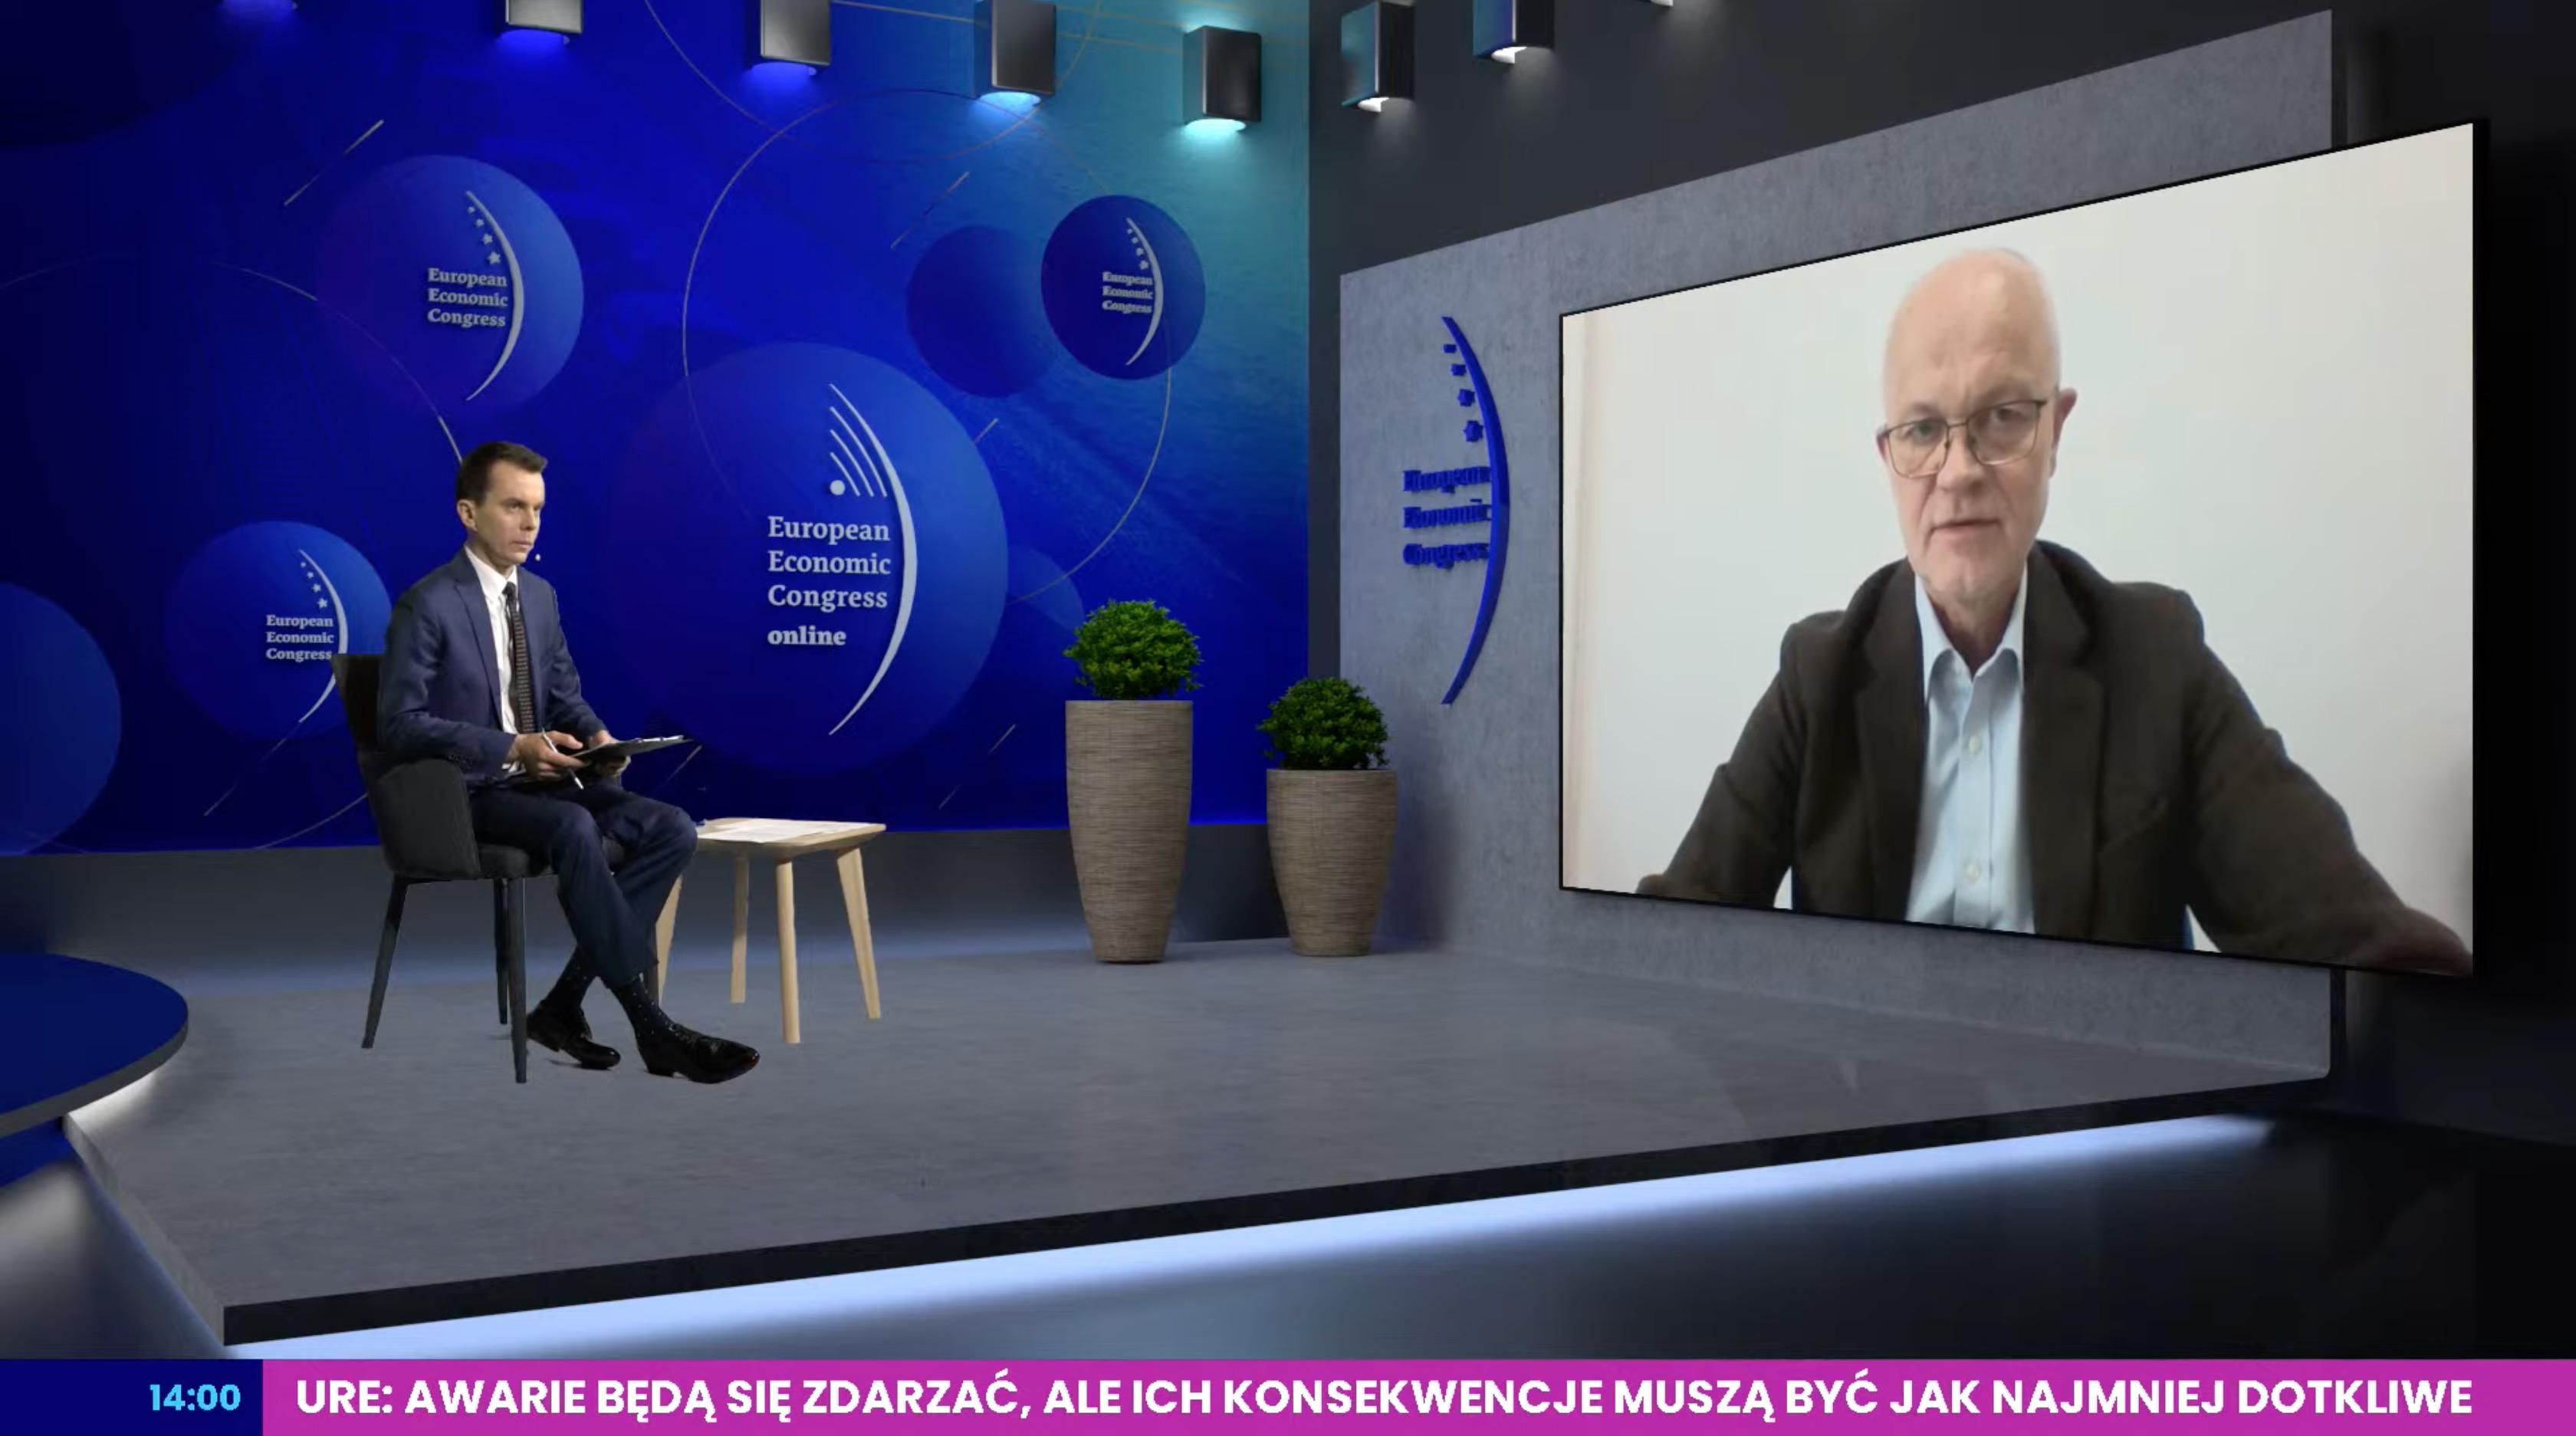 Grzegorz Wiśniewski, prezes zarządu, EC BREC Instytut Energetyki Odnawialnej Sp. z o.o.